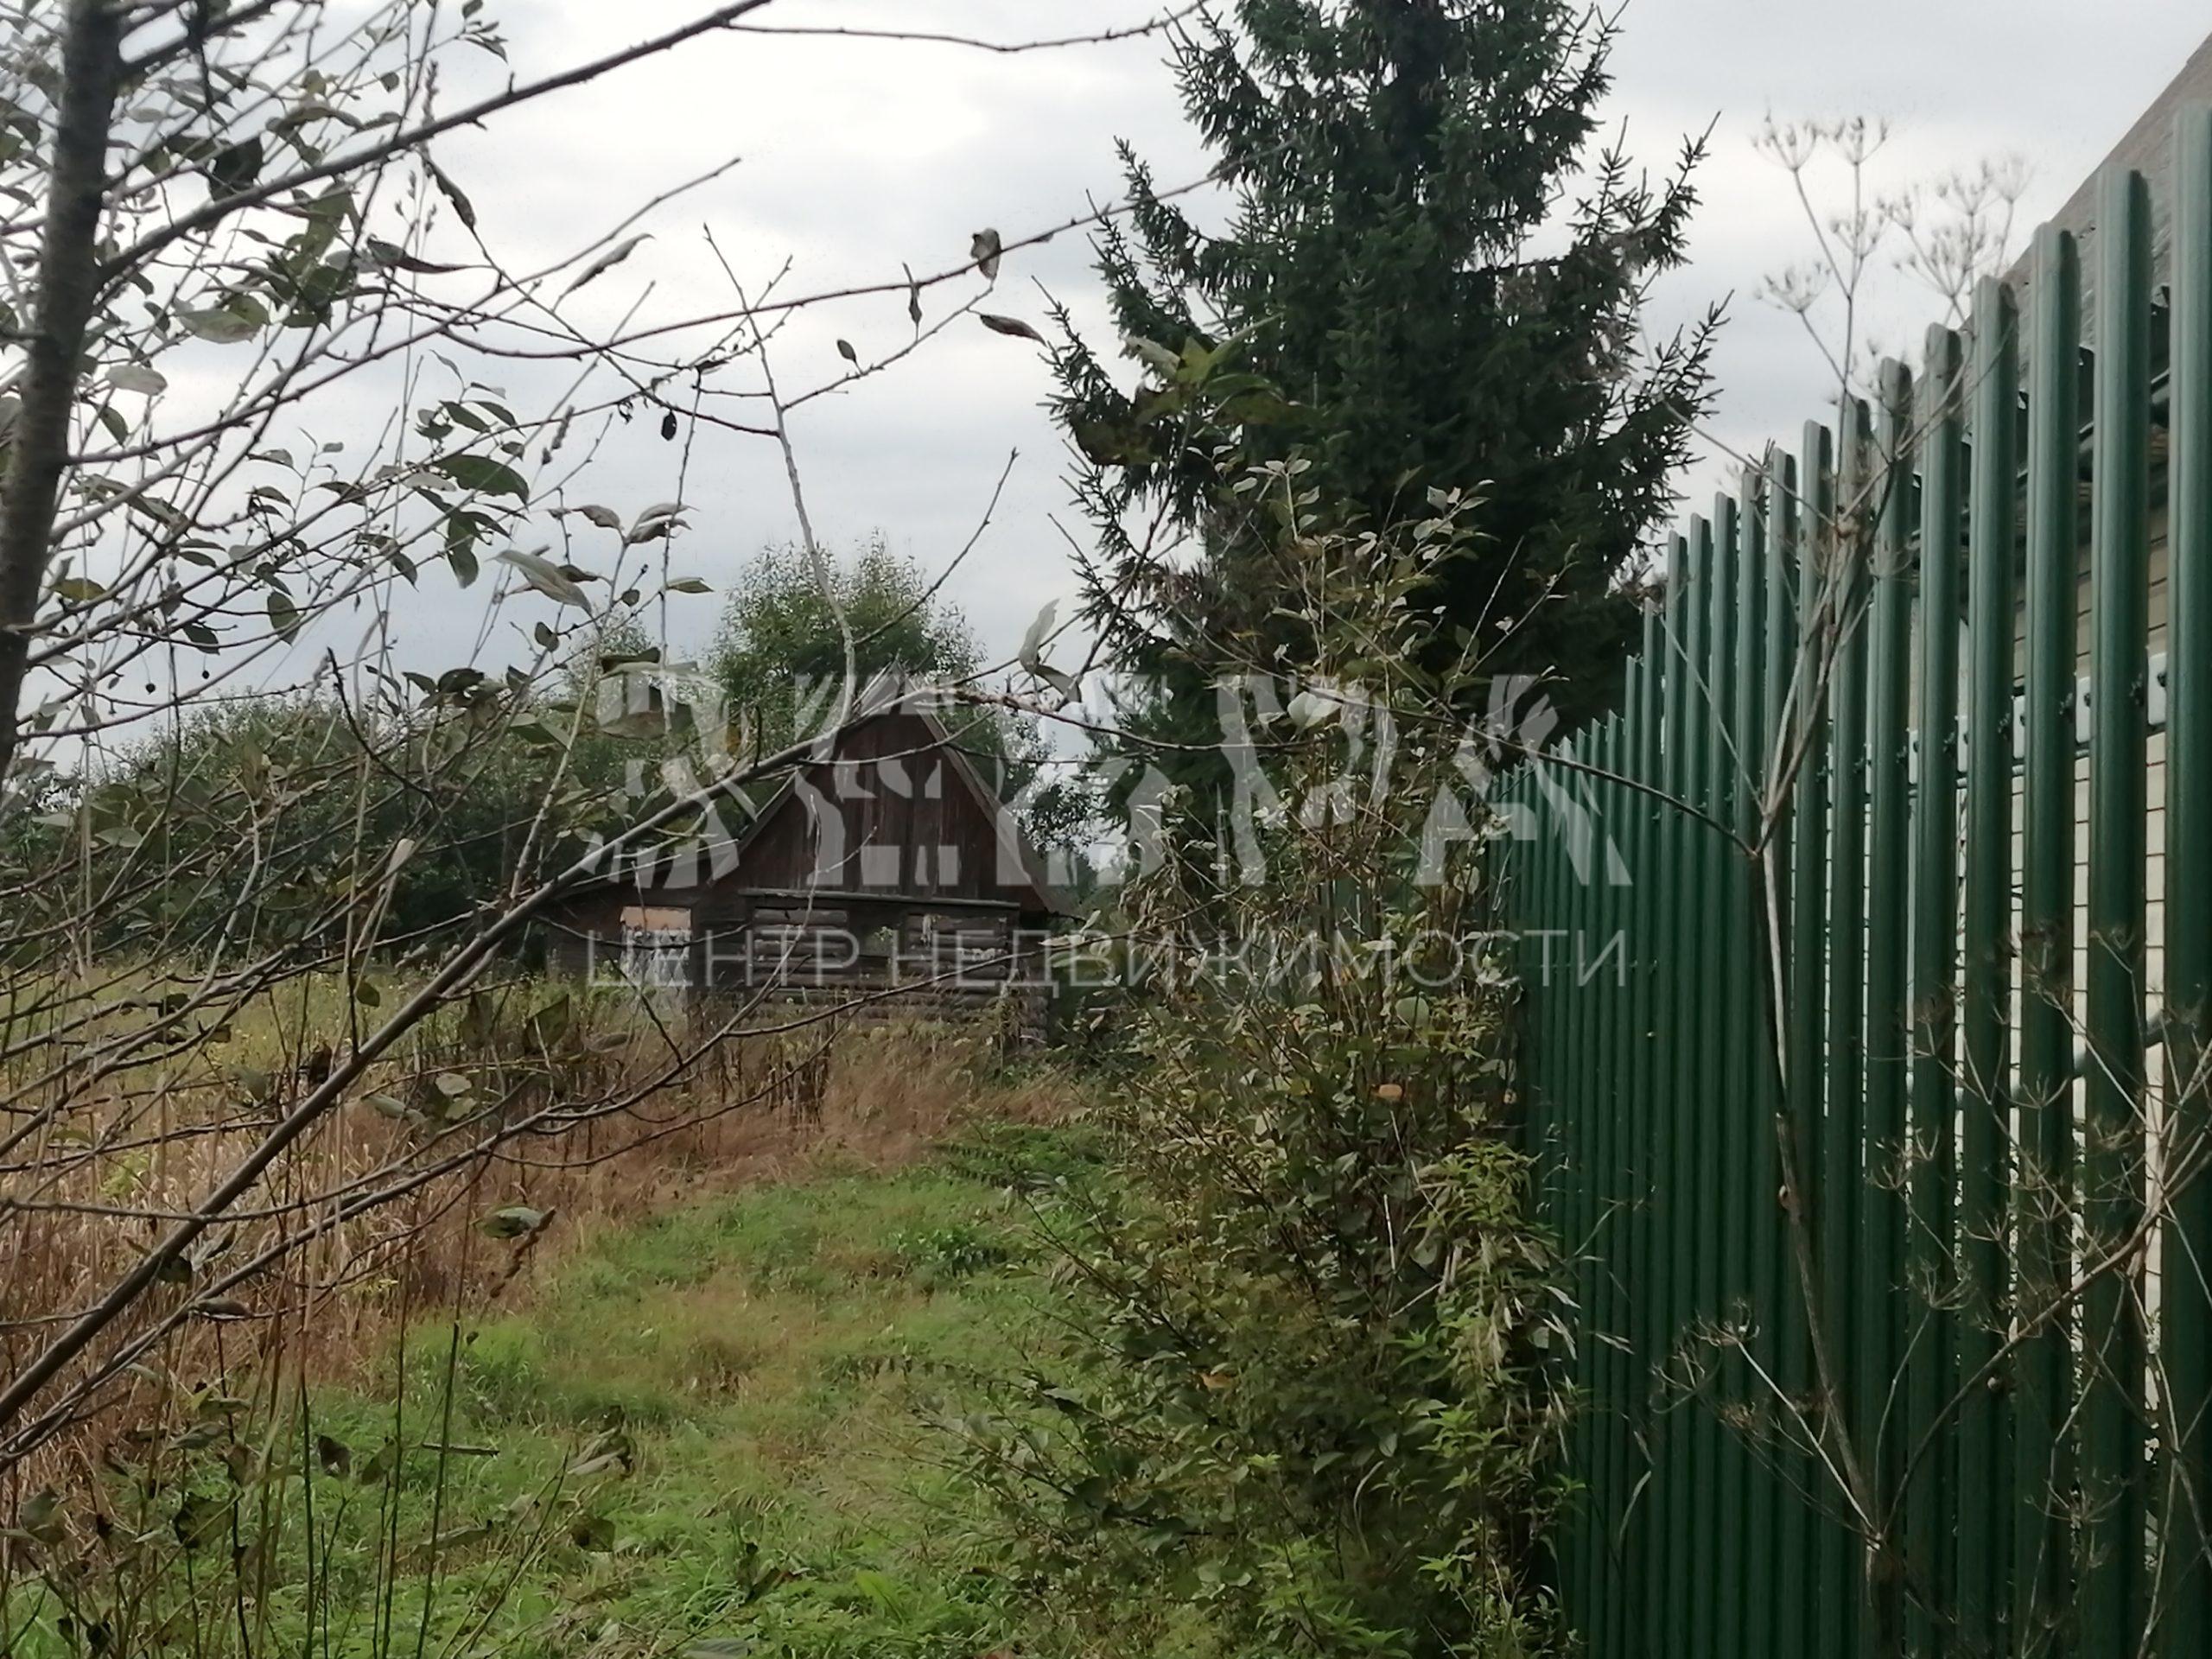 Продается дом из бревна в д. Шаблыкино